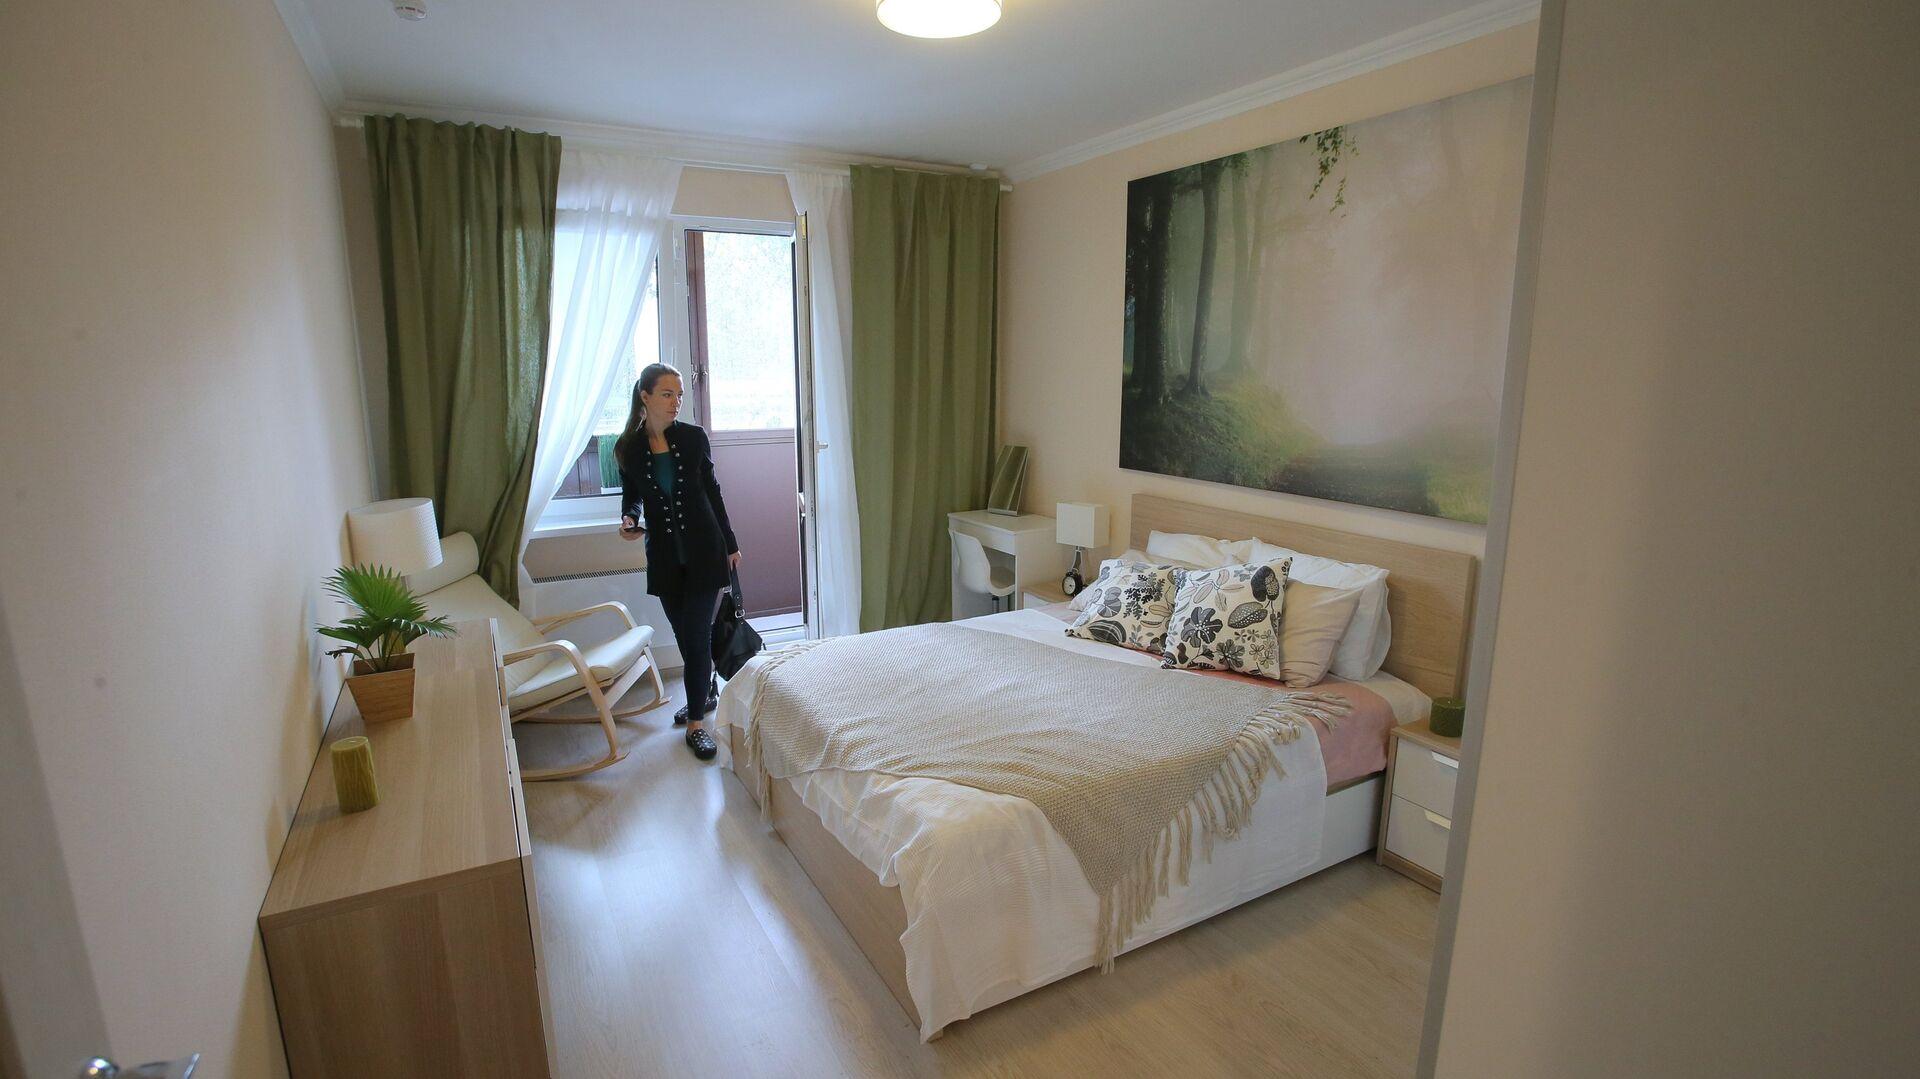 Спальня типовой 2-комнатной квартиры, предназначенной для переселения по программе реновации, в шоу-руме на ВДНХ в Москве - РИА Новости, 1920, 02.11.2020